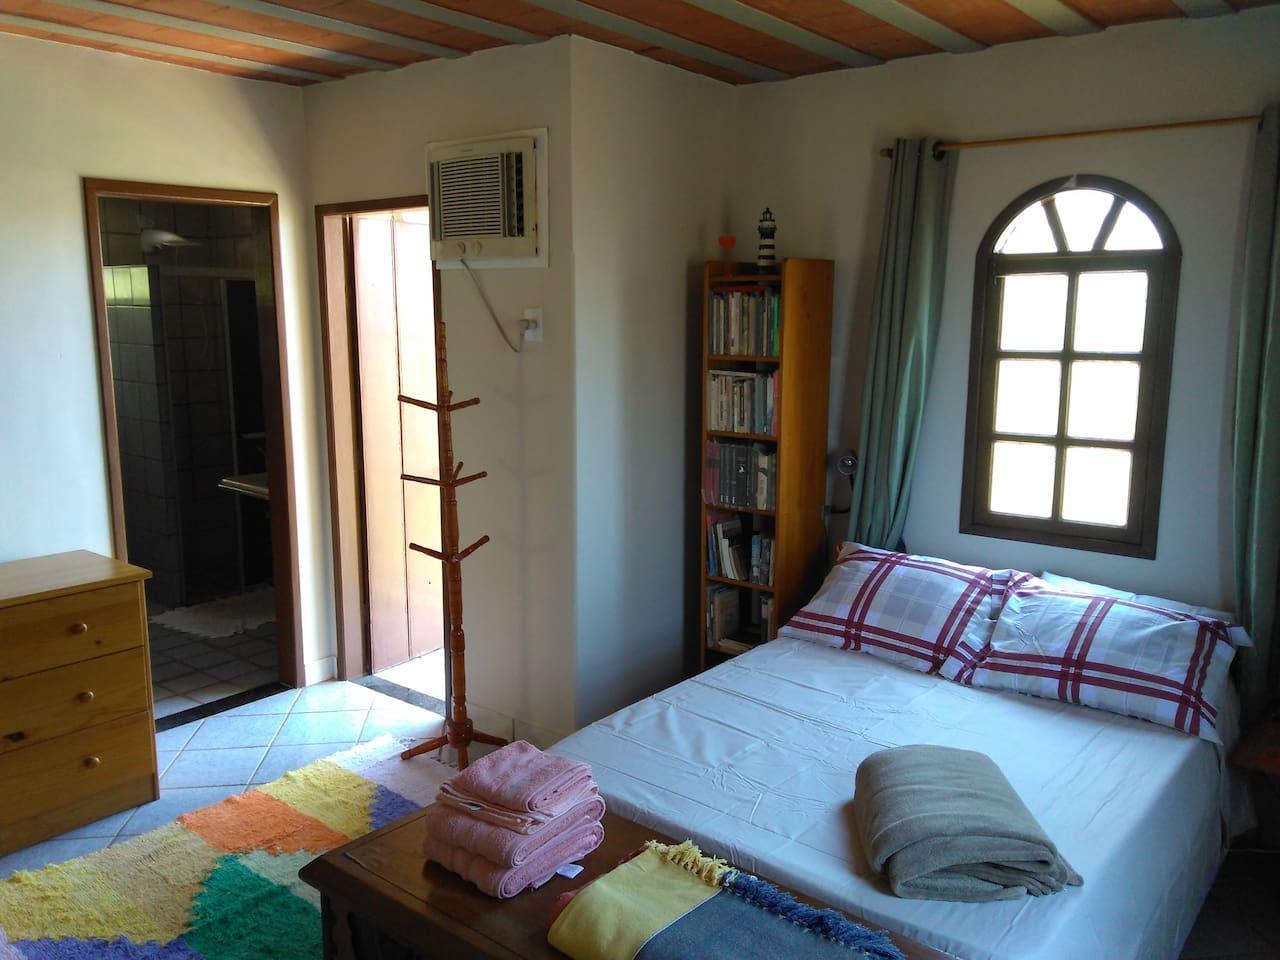 01 Quarto/Suíte Privativa com cama de casal para 02 hóspedes em casa com quintal espaçoso, gramado e cheio de plantas e árvores frutíferas em Meaípe, Guarapari, ES, Brasil.